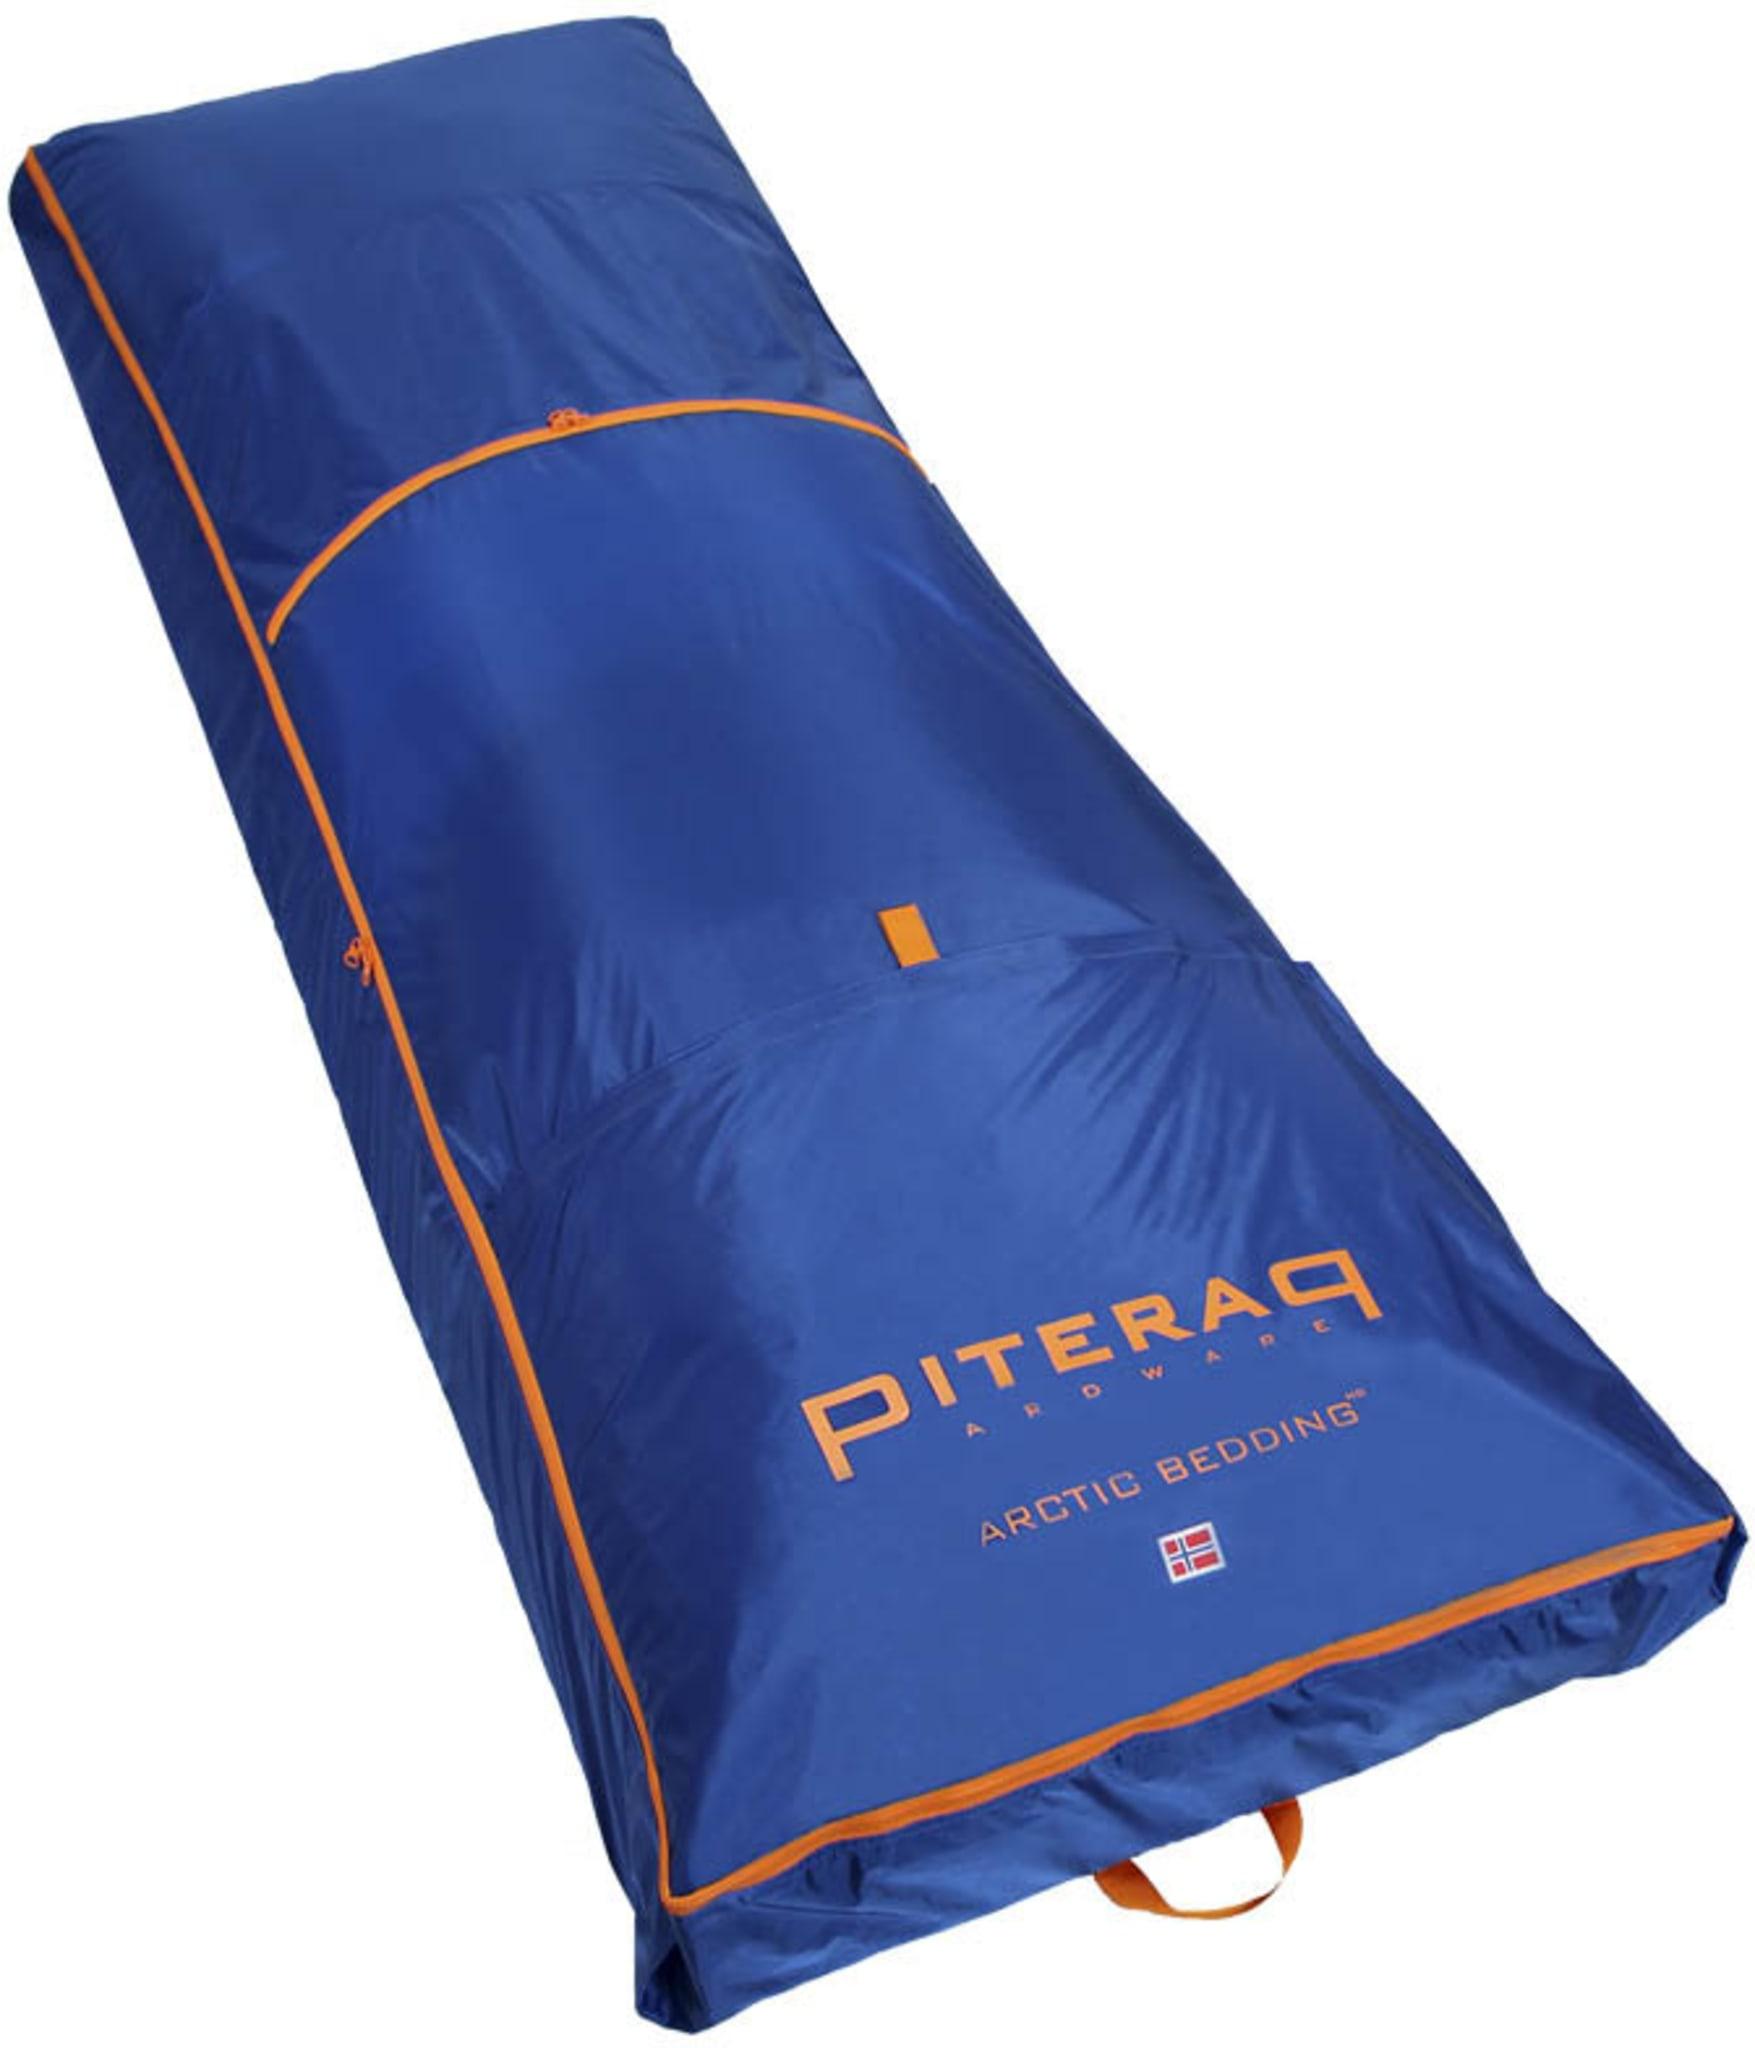 Ekspedisjonsbedding i ekstra stor størrelse for frakt av liggeunderlag og sovepose på pulk